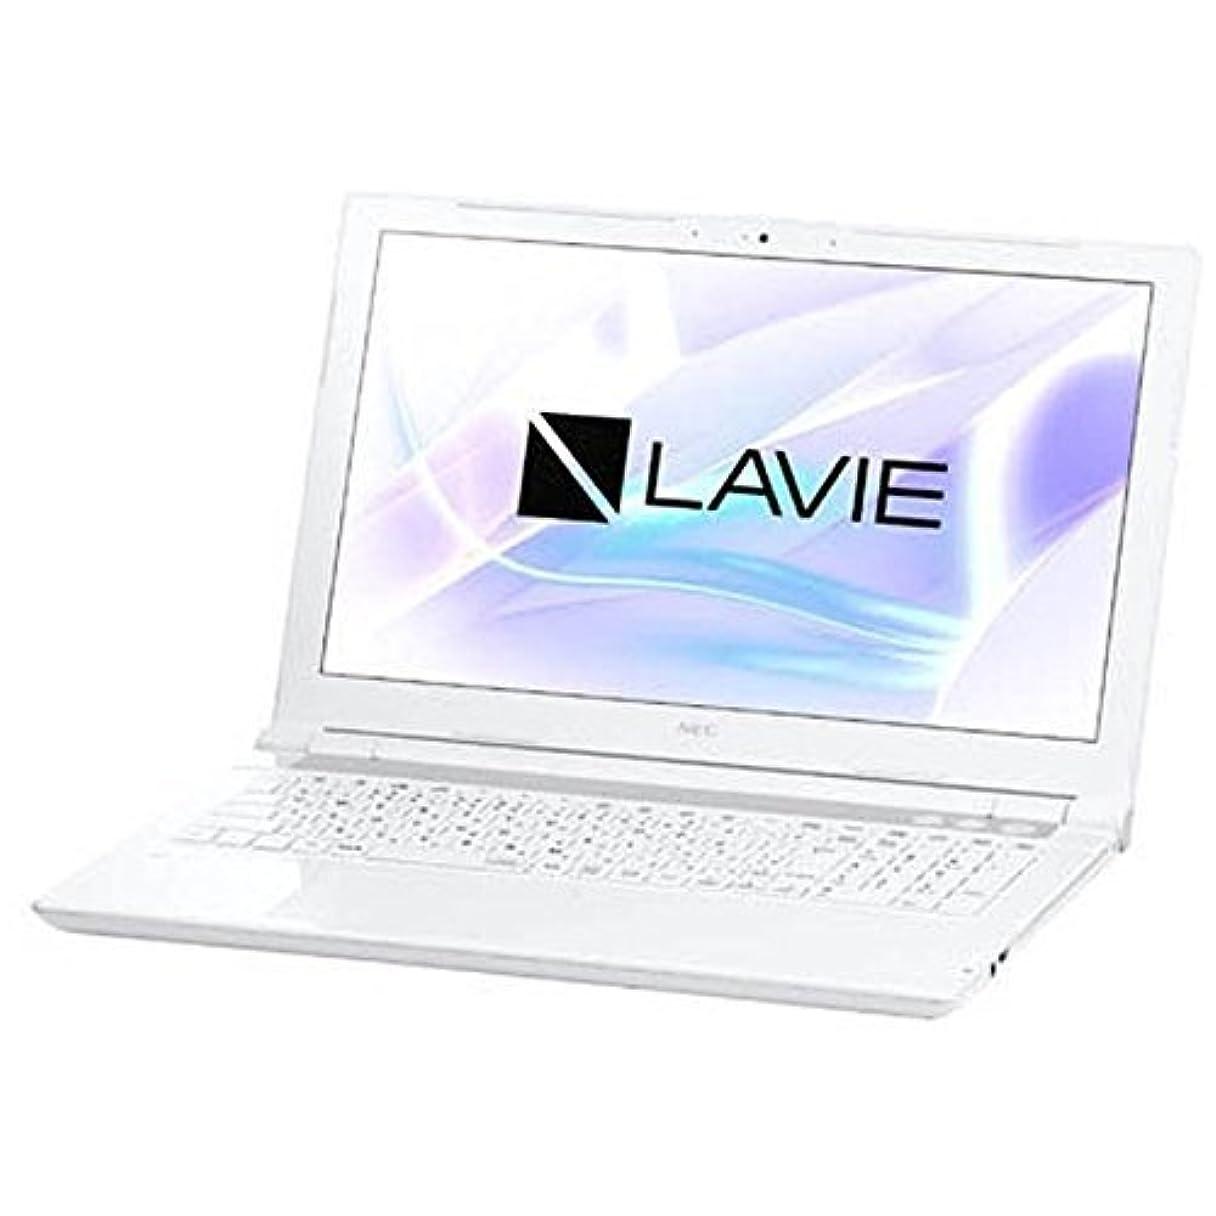 注入する小間陰謀NEC 15.6型 ノートパソコン LAVIE Note Standard NS600/JAWエクストラホワイト PC-NS600JAW